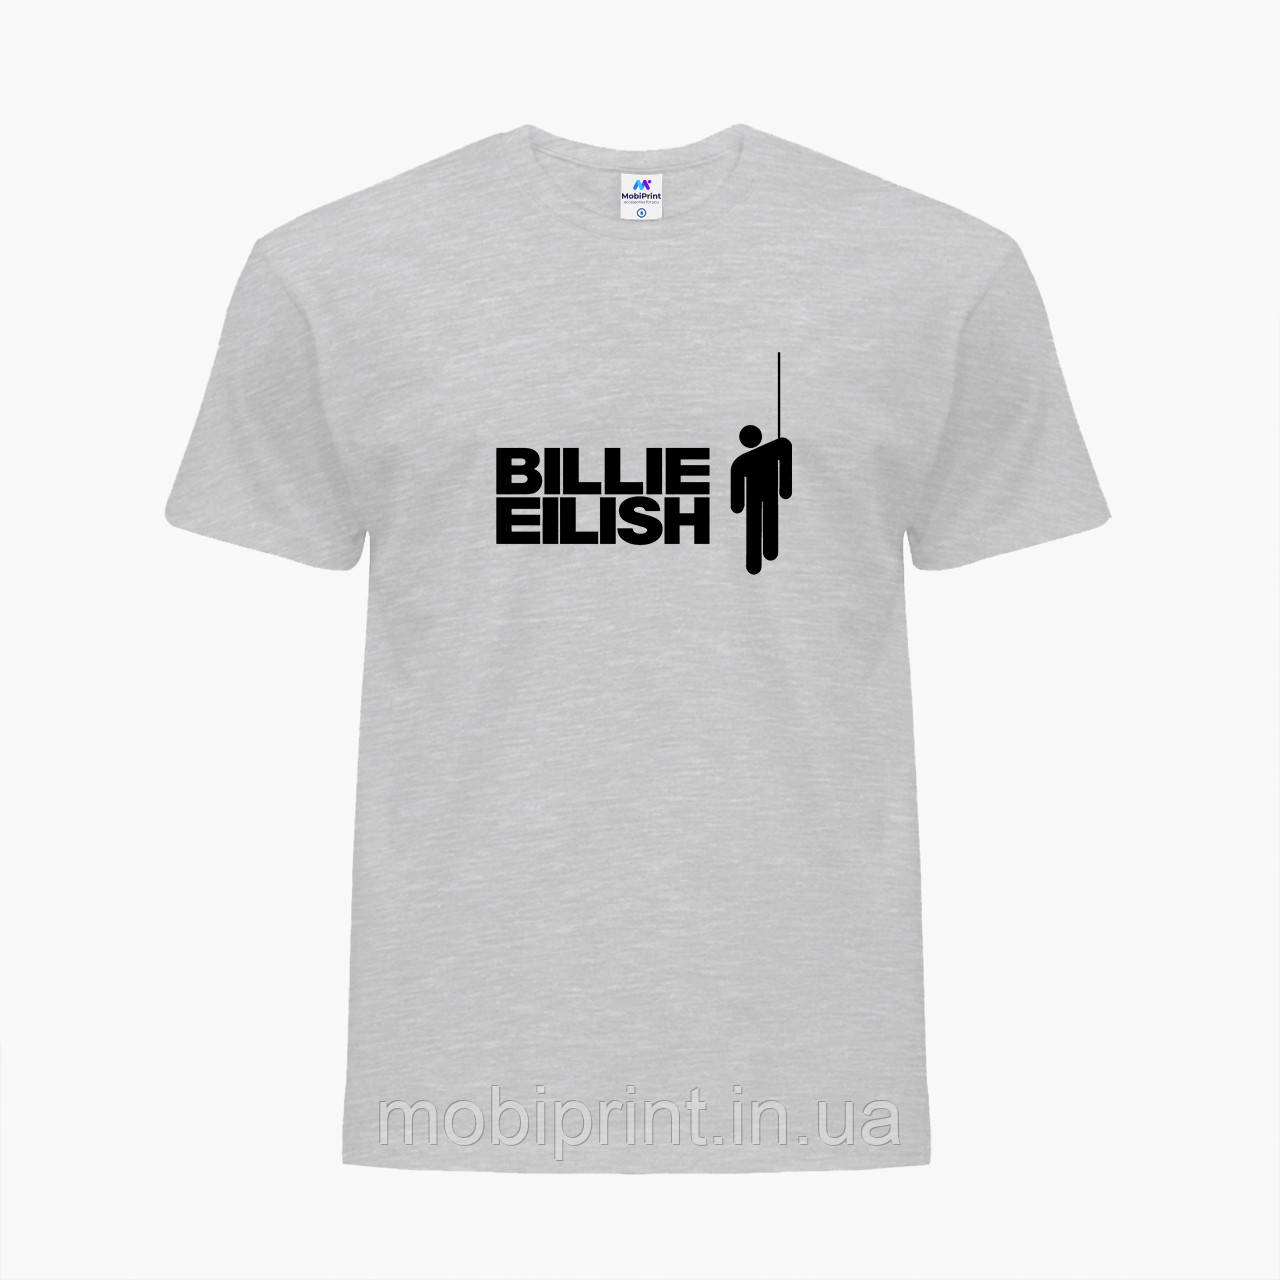 Детская футболка для девочек Билли Айлиш (Billie Eilish) (25186-1211) Светло-серый